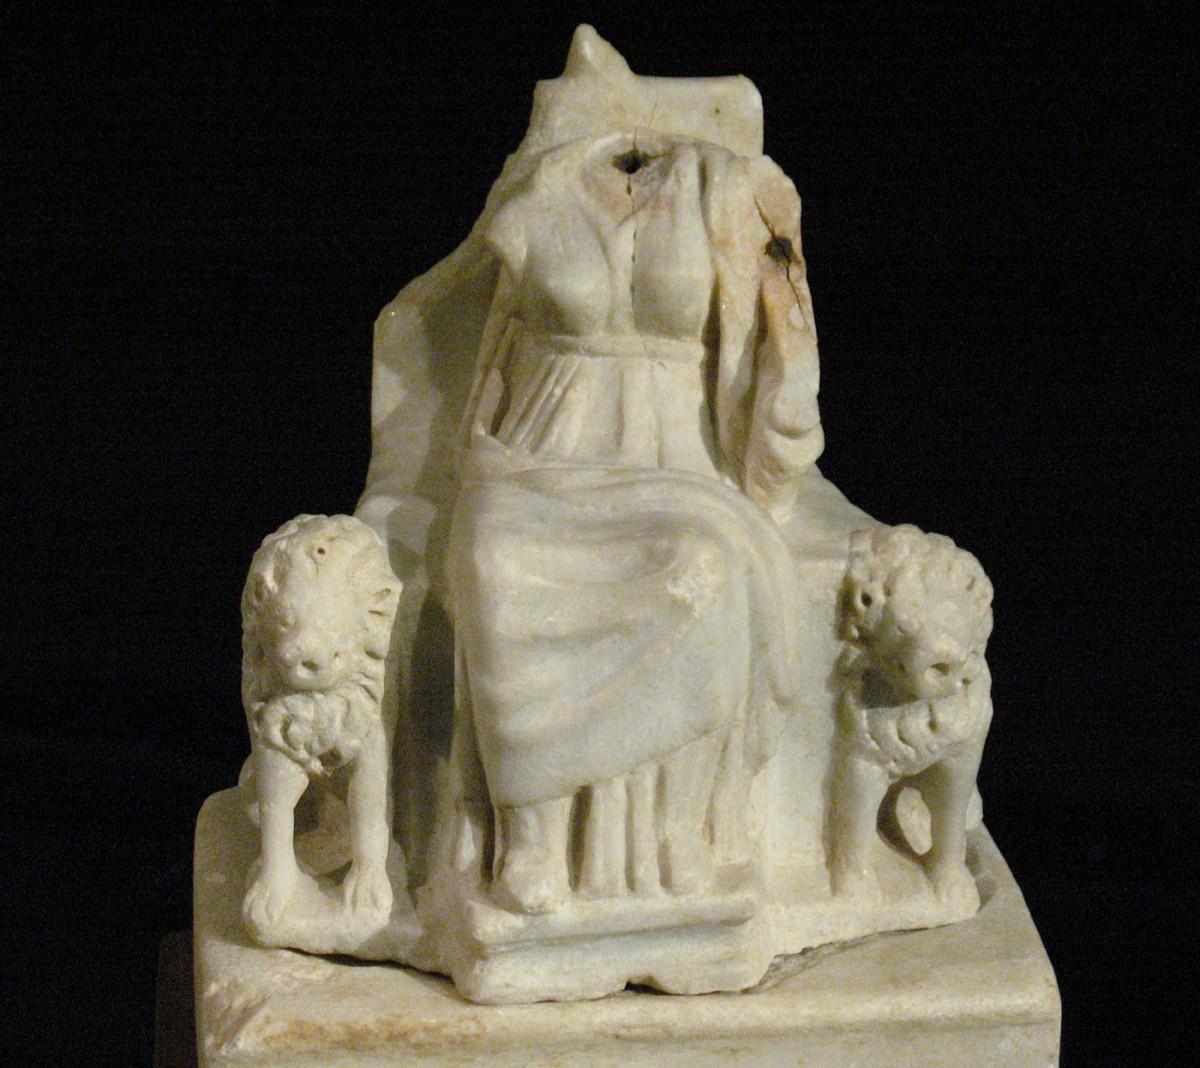 Εικ. 16. Μαρμάρινο αναθηματικό αγαλμάτιο Κυβέλης ανάμεσα σε λέοντες. Με το αριστερό της χέρι κρατά τύμπανο. Τέλος 1ου αι. π.Χ. Πόλης της Χίου (Αγ. Ιάκωβος – οικόπεδο Λουτράρη).